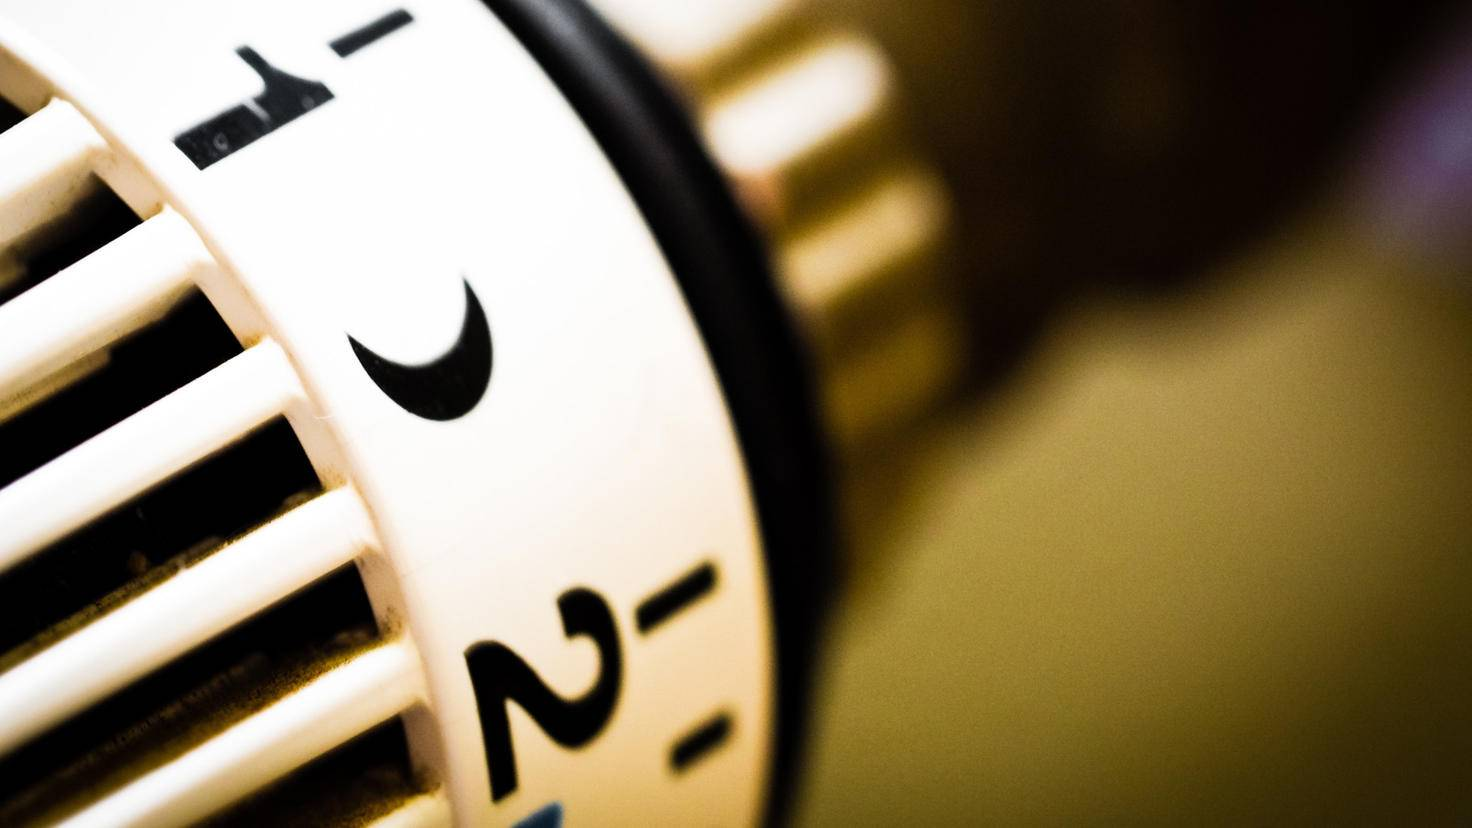 Wird das klassische Heizkörperthermostat bald überflüssig?